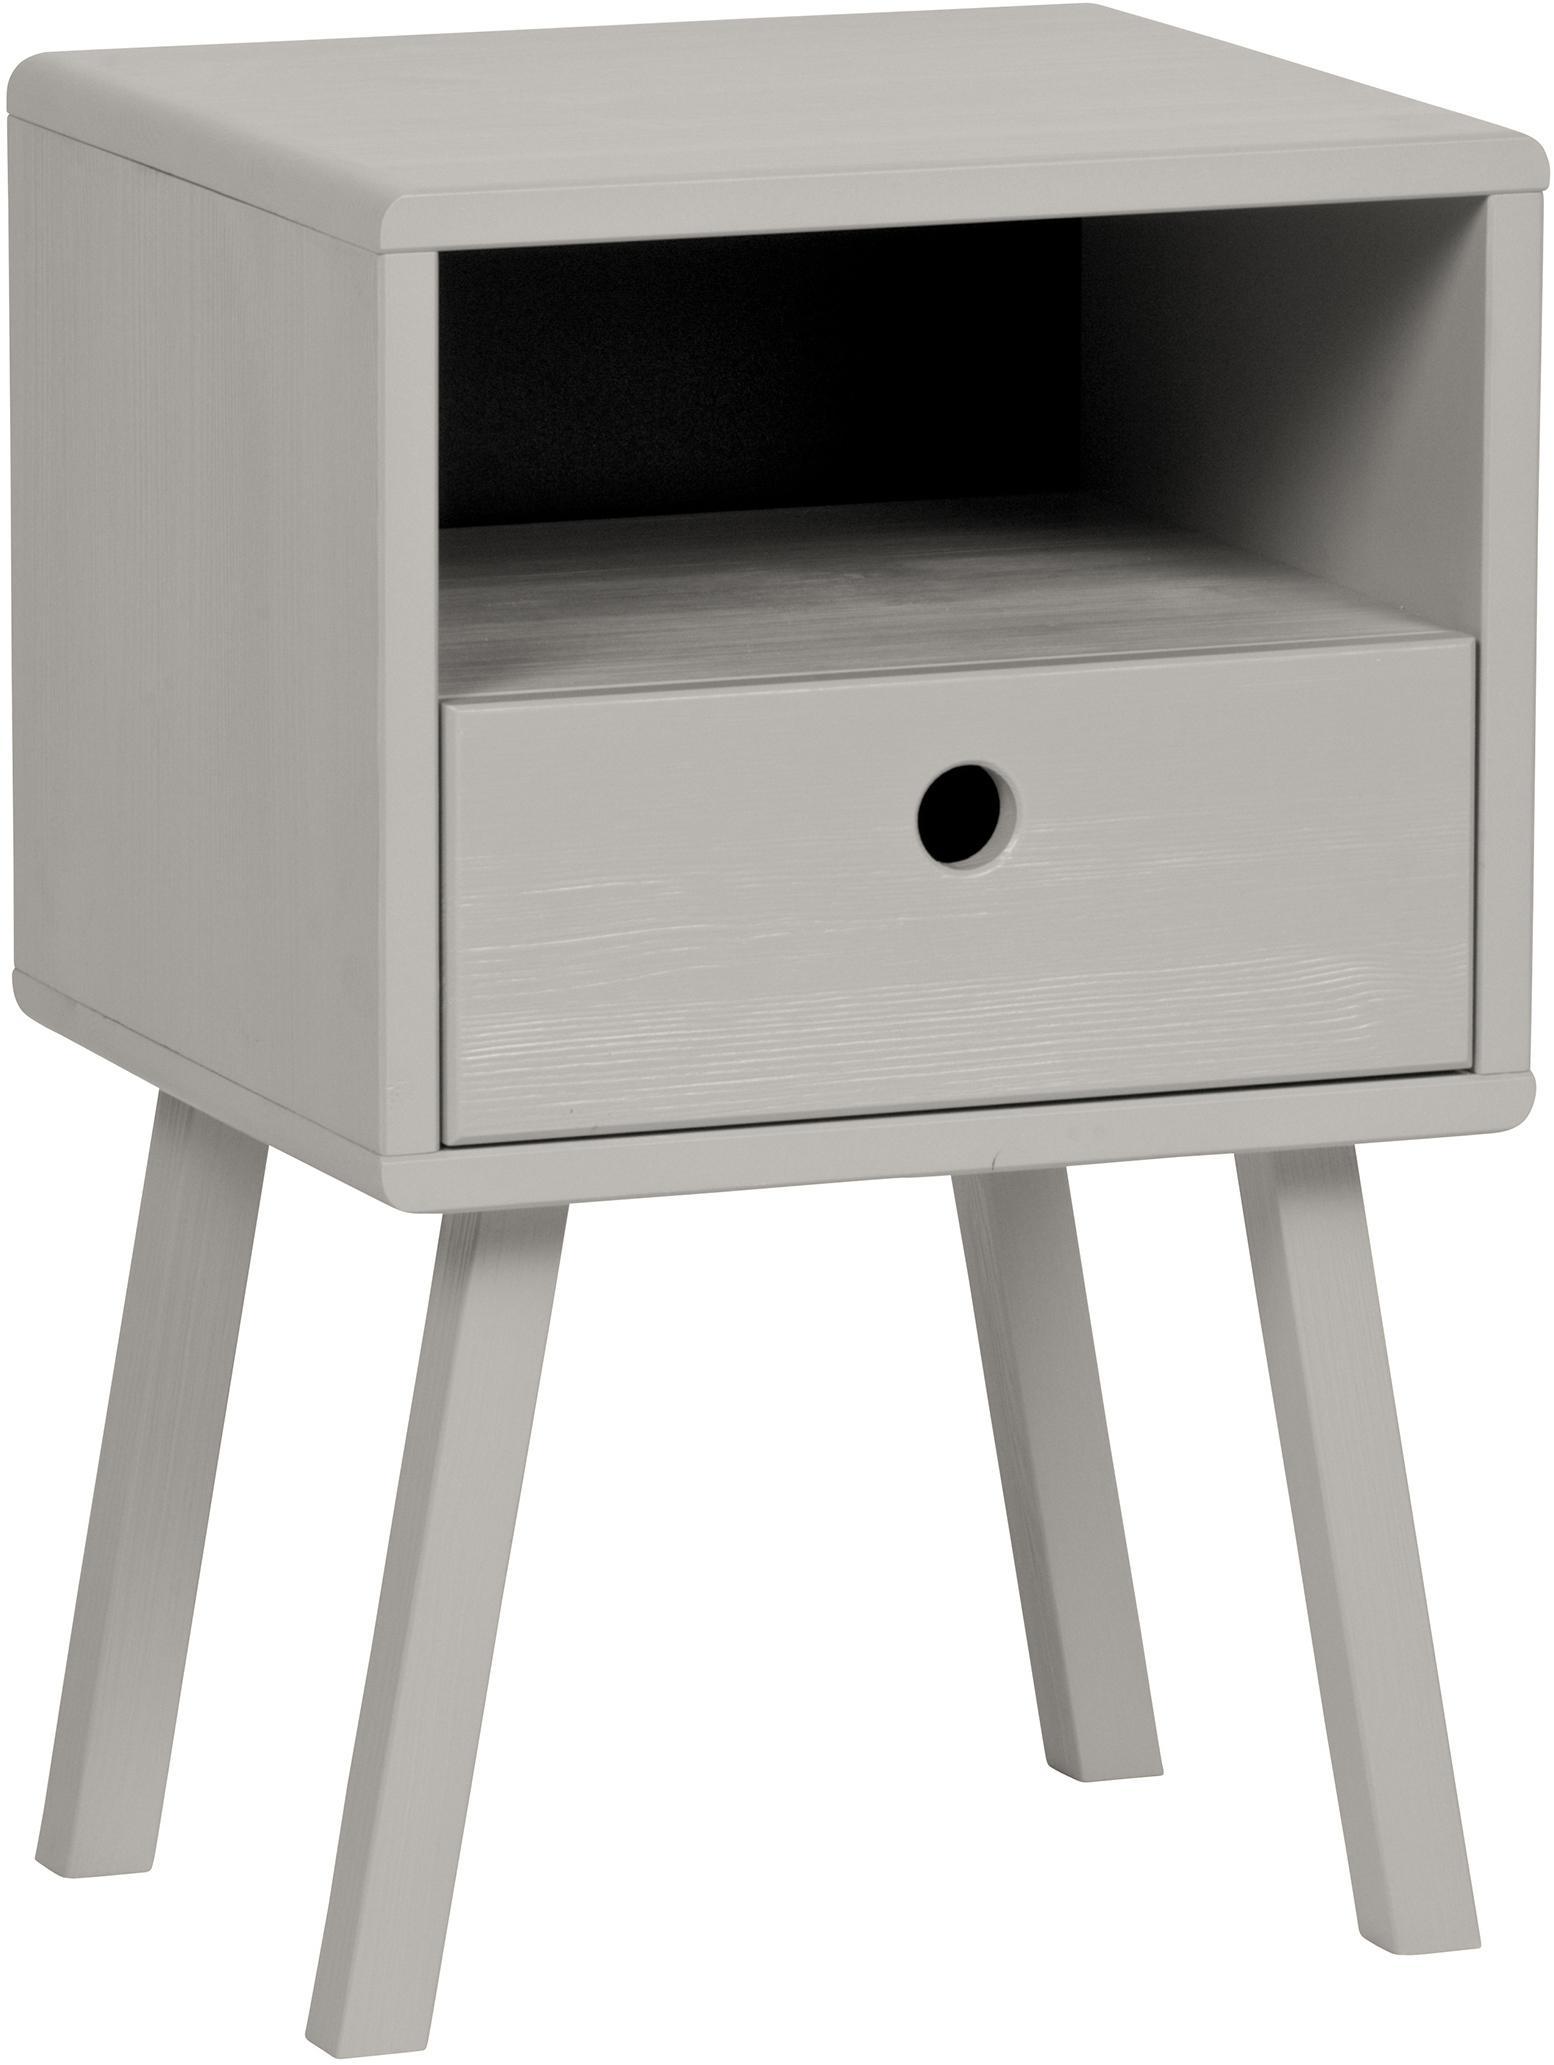 Comodino in grigio con cassetto Sammie, Legno di pino, spazzolato e verniciato Certificato FSC, Grigio chiaro, Larg. 35 x Alt. 53 cm